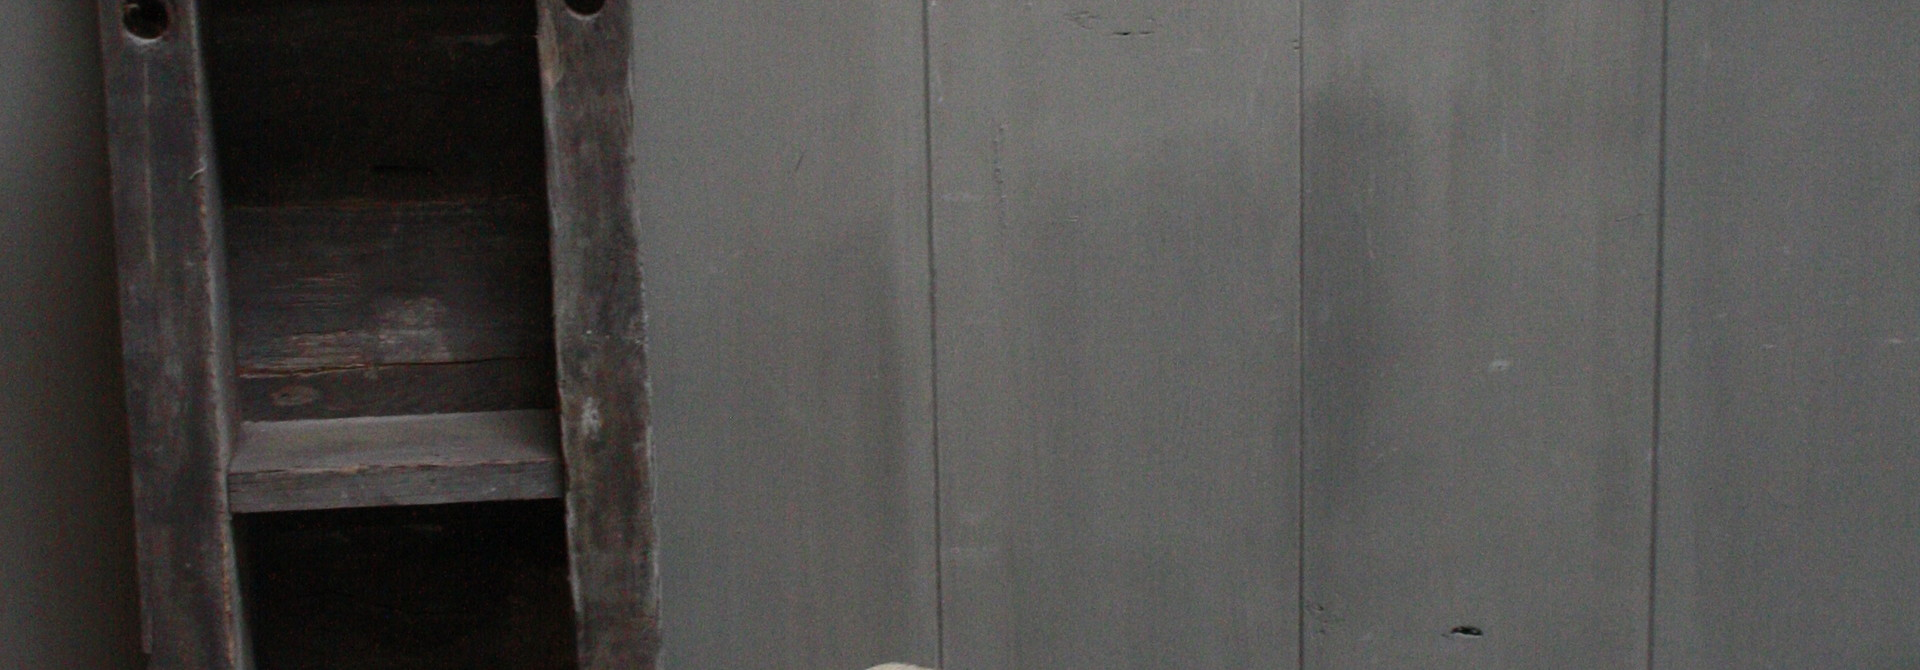 Uniek oud houten wc krukjes - Verschillende maten